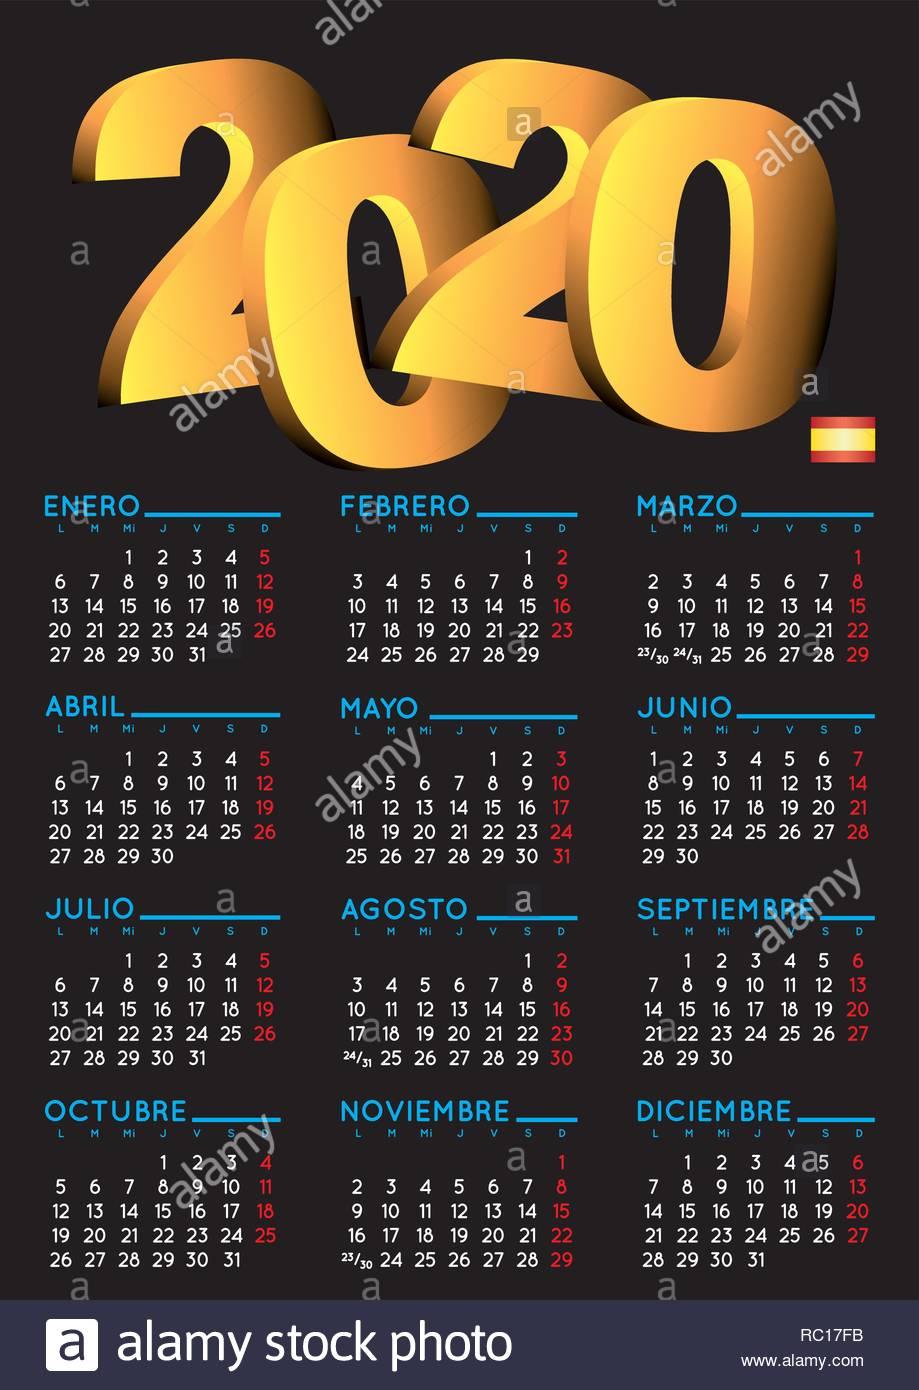 Calendario Di Agosto 2020.Calendario Spagnolo 2020 Anno Di Calendario 2020